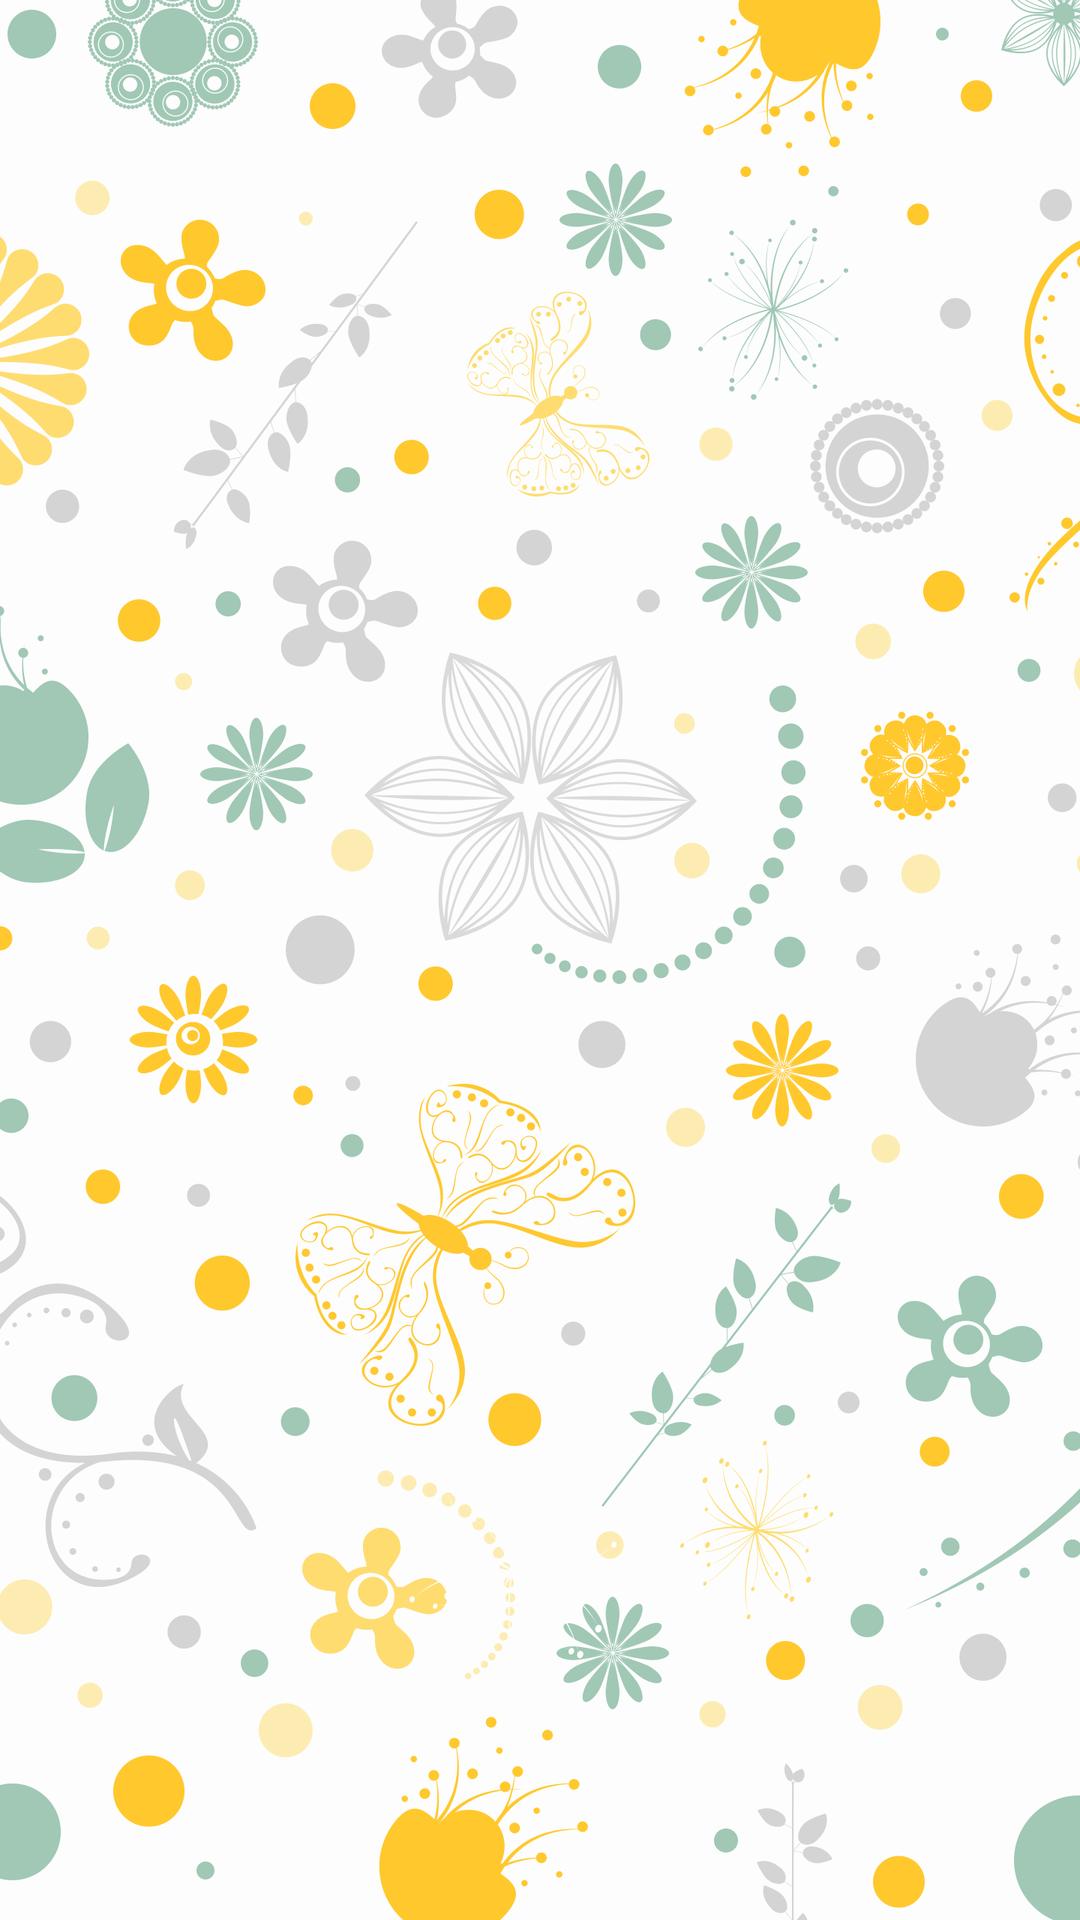 Butterflies In The Flowers Wallpaper In 2020 Flower Wallpaper